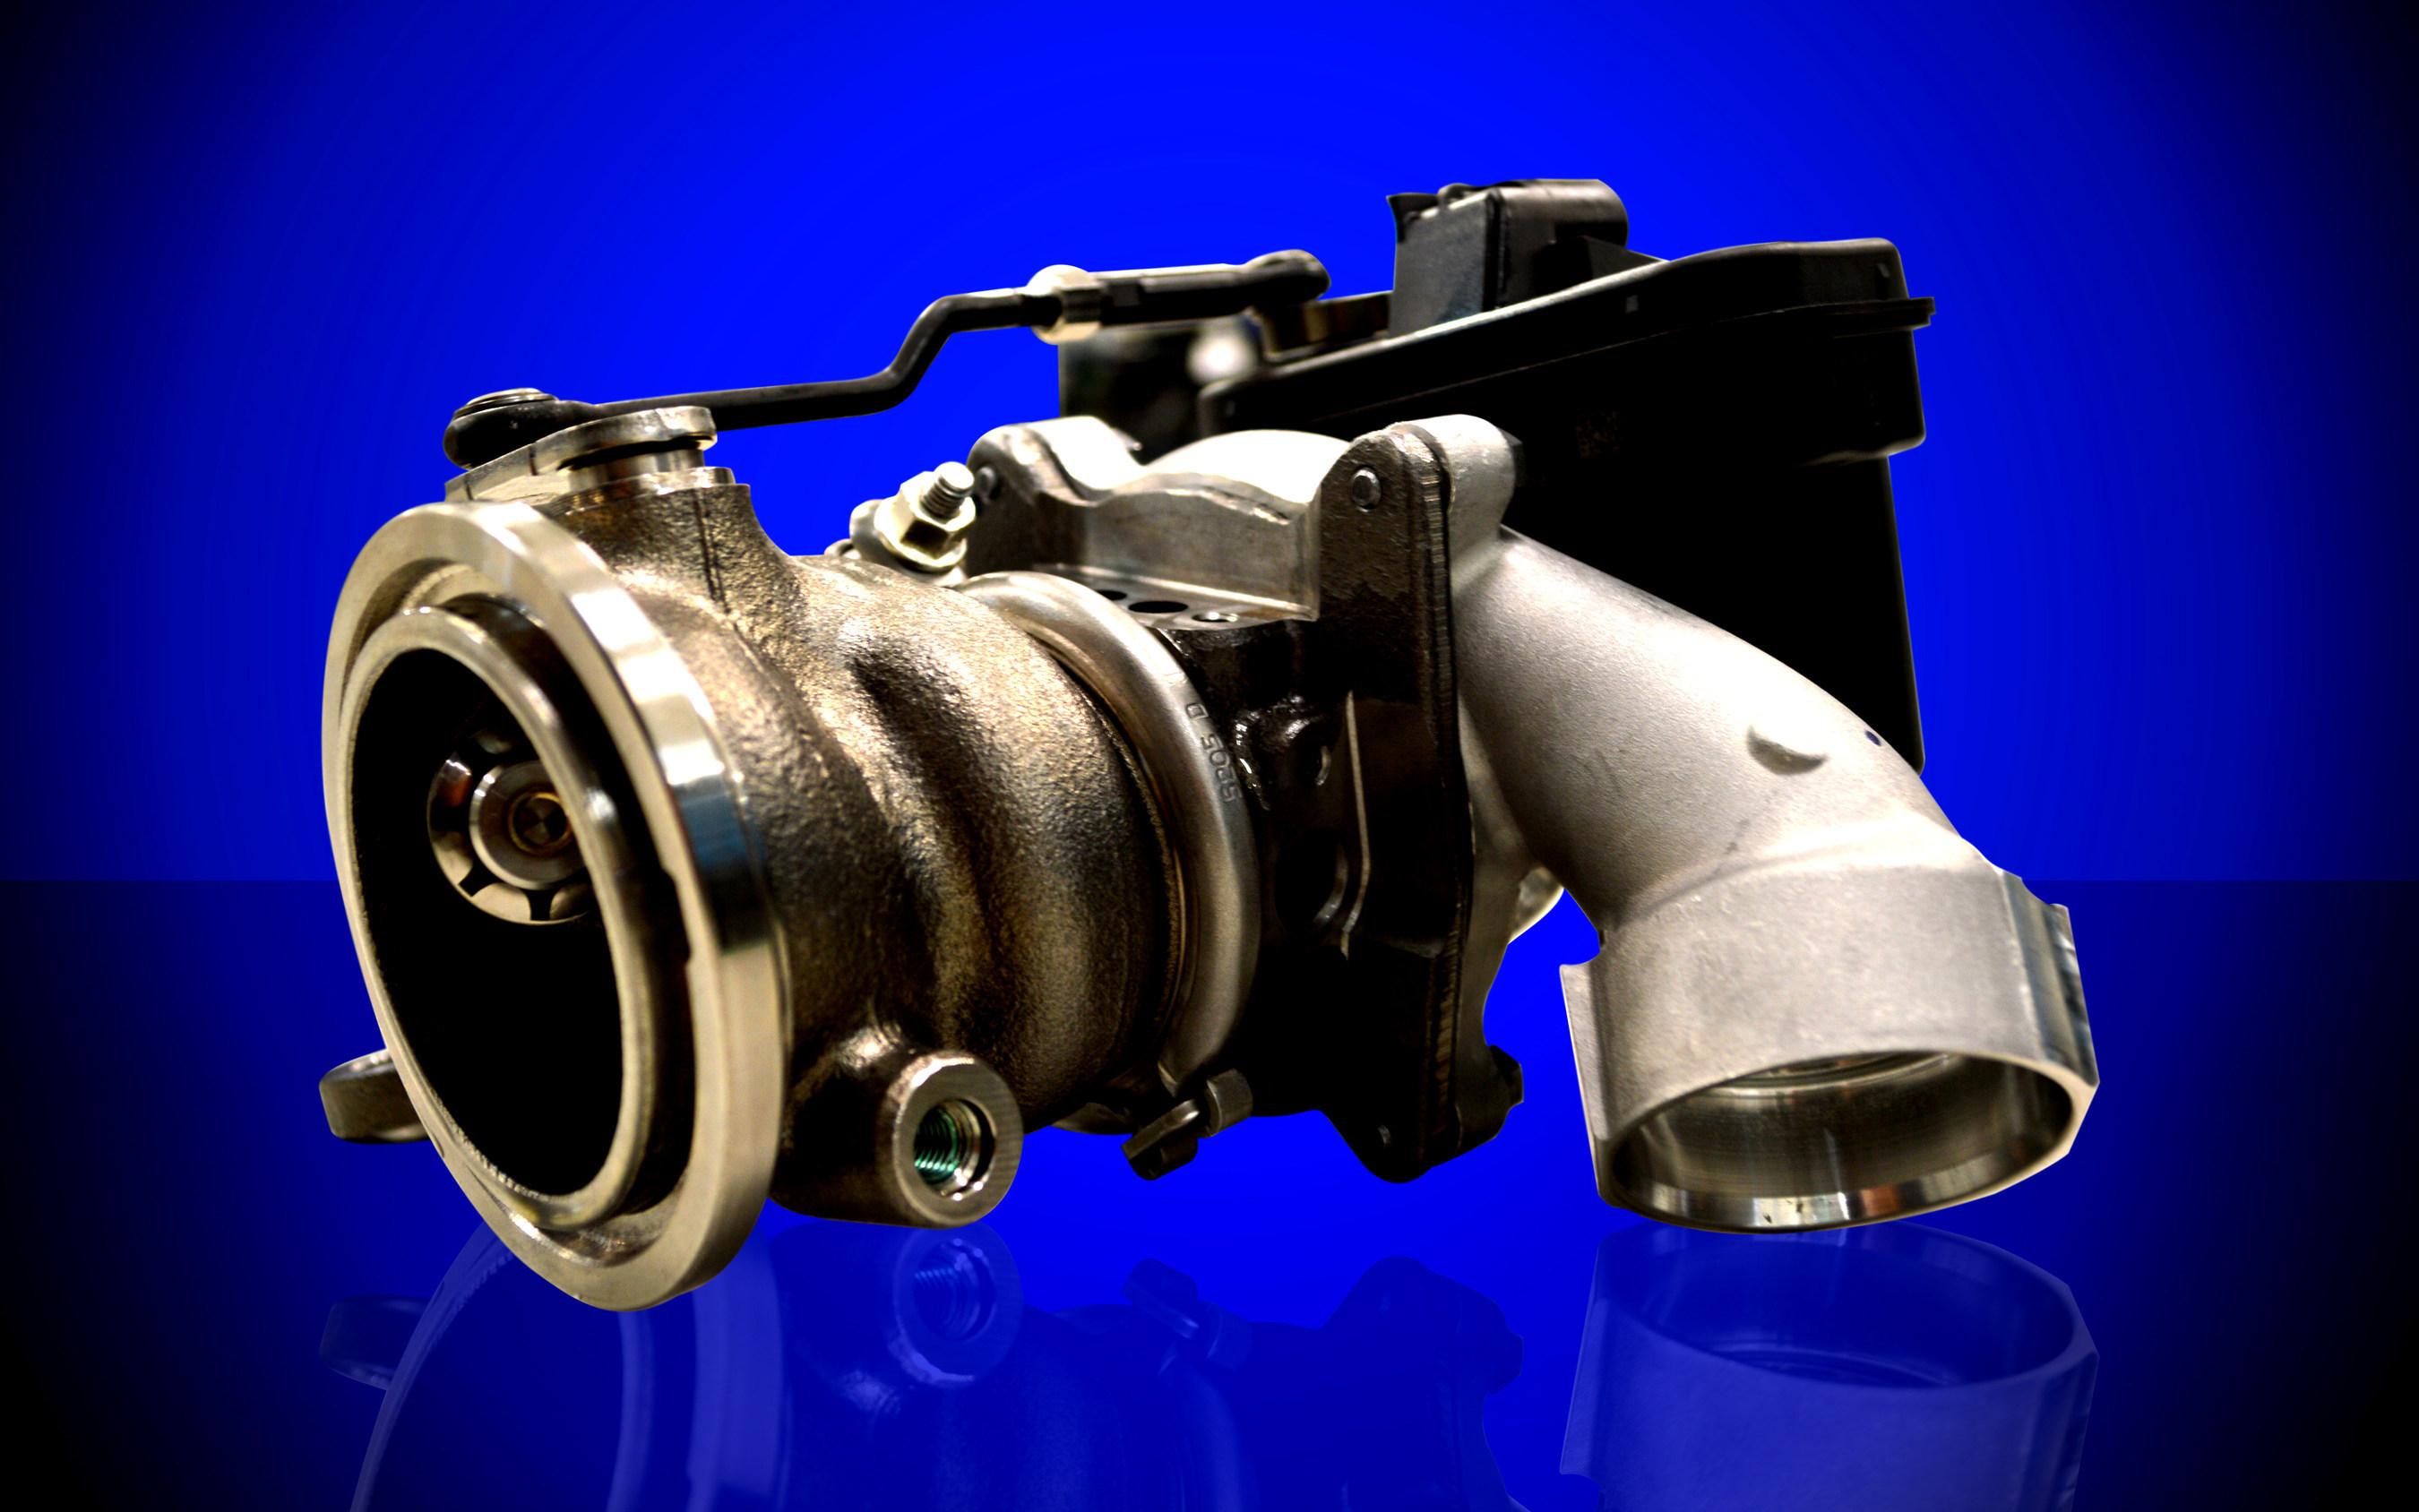 BorgWarner Flex Fuel turbocharger